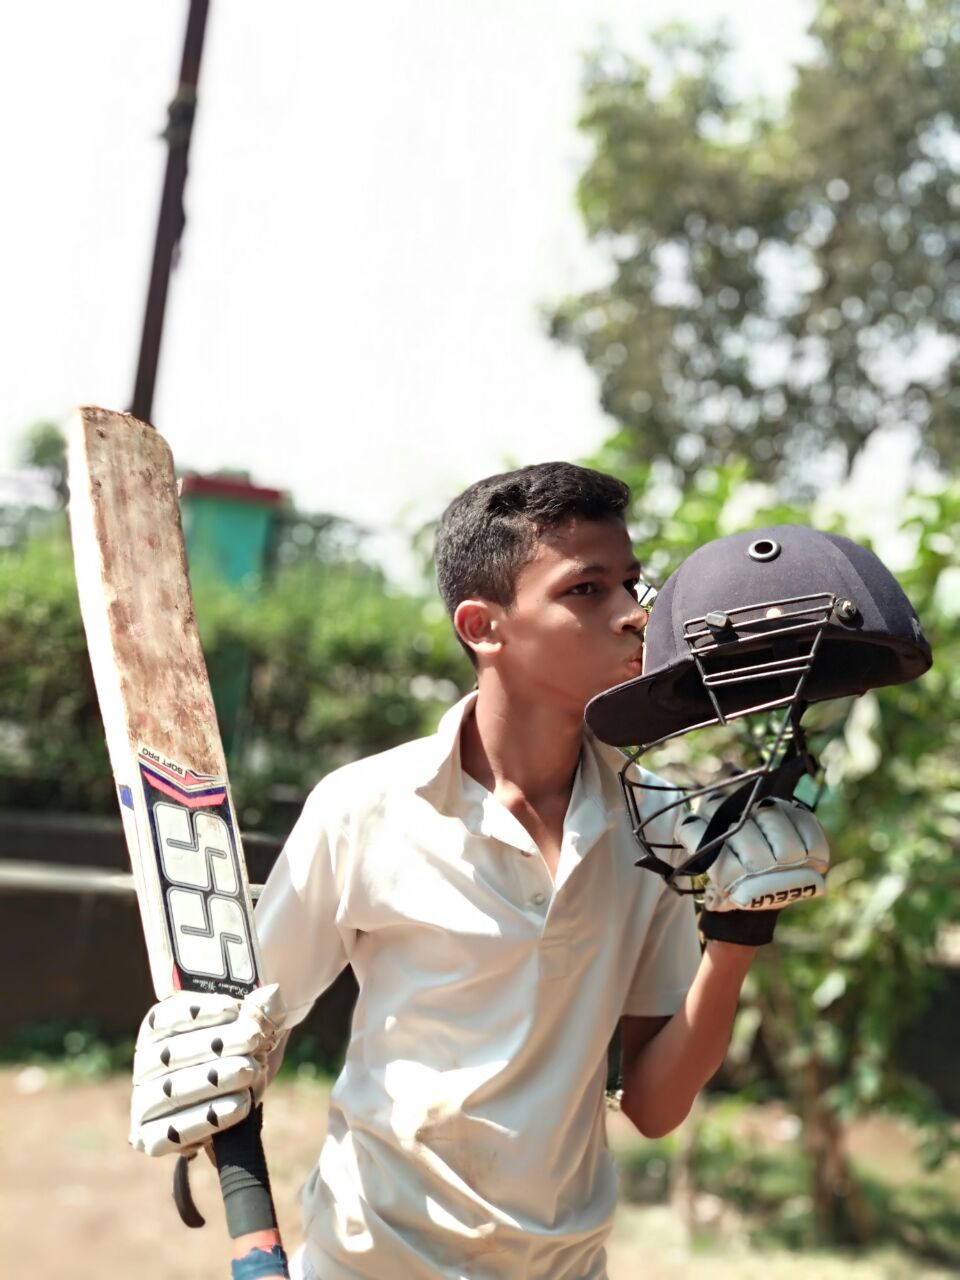 कल्याण चा साहिल कोचरेकर— उद्याचा क्रिकेट स्टार